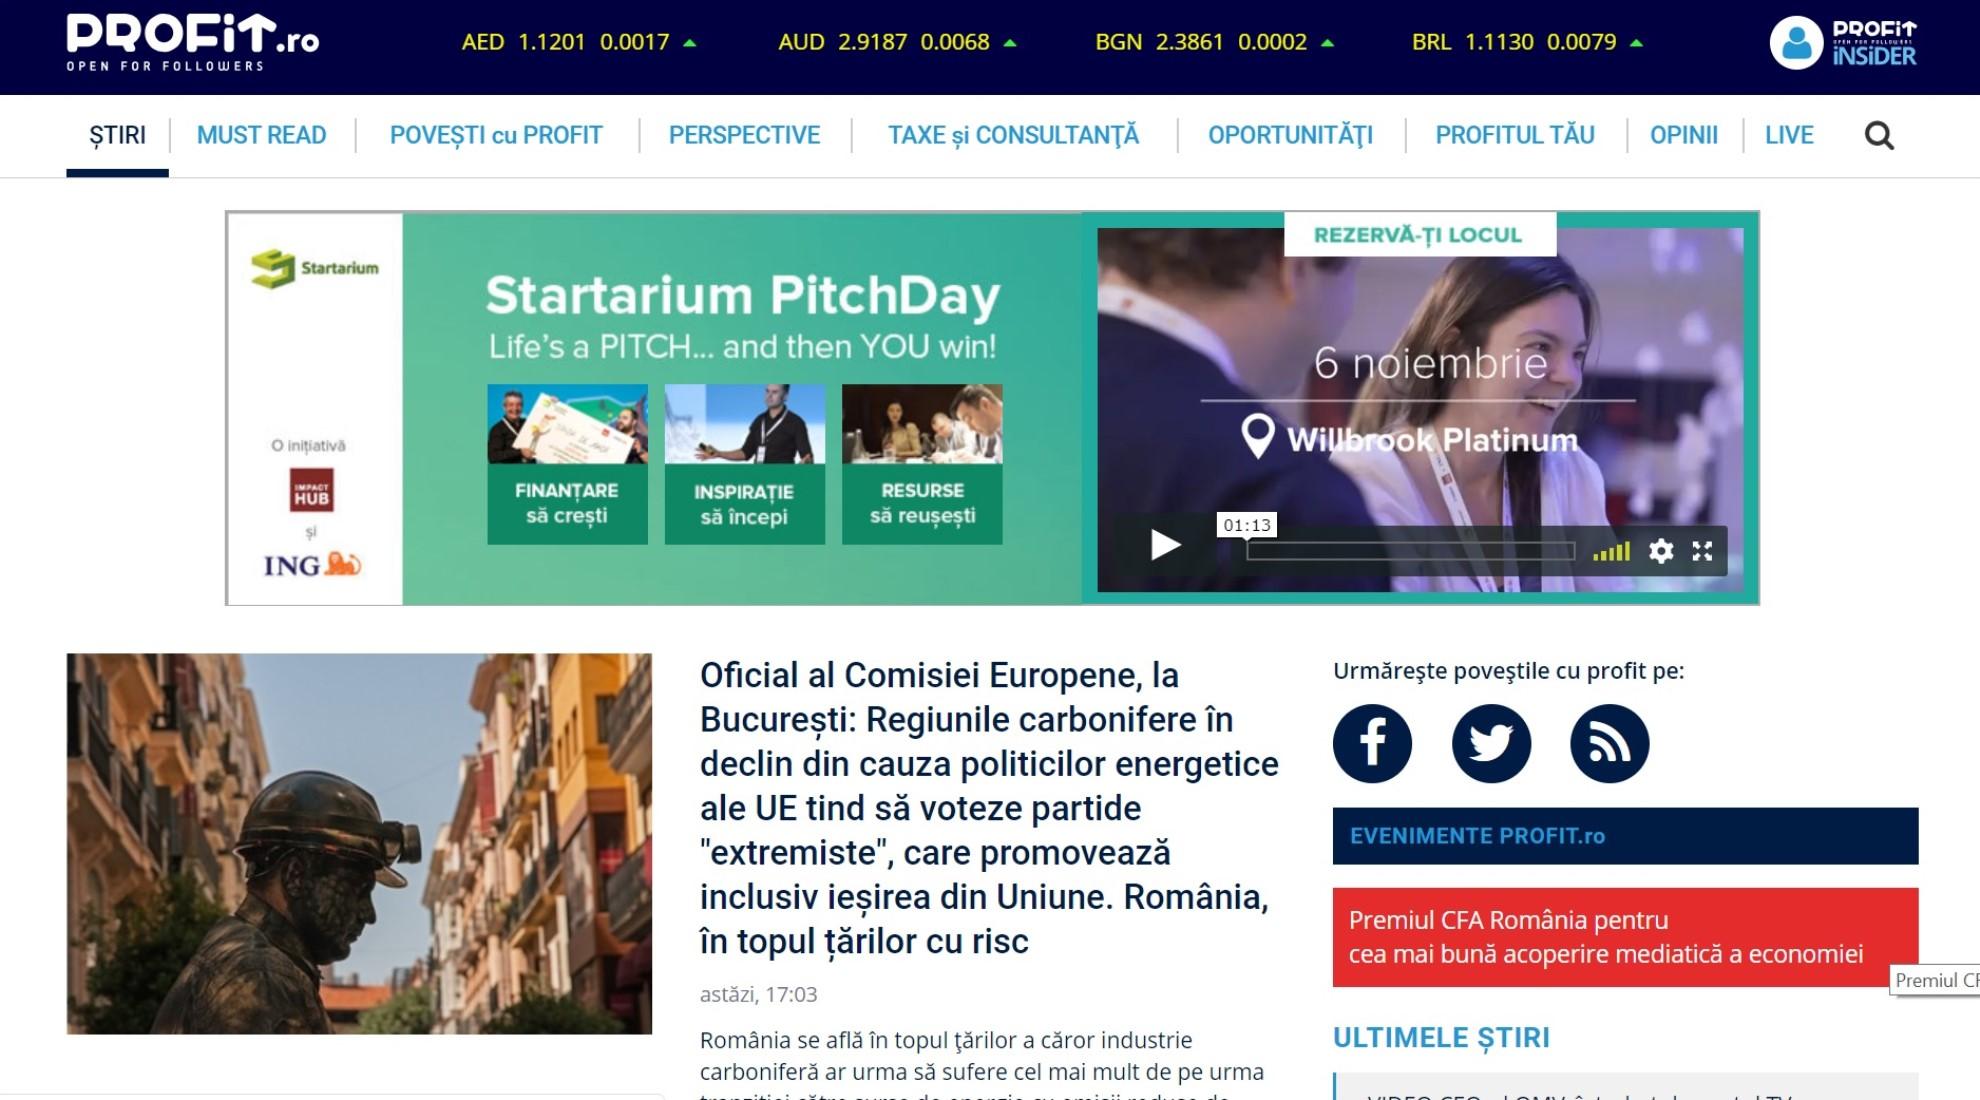 Cele mai importante informații economice pe PROFIT.ro